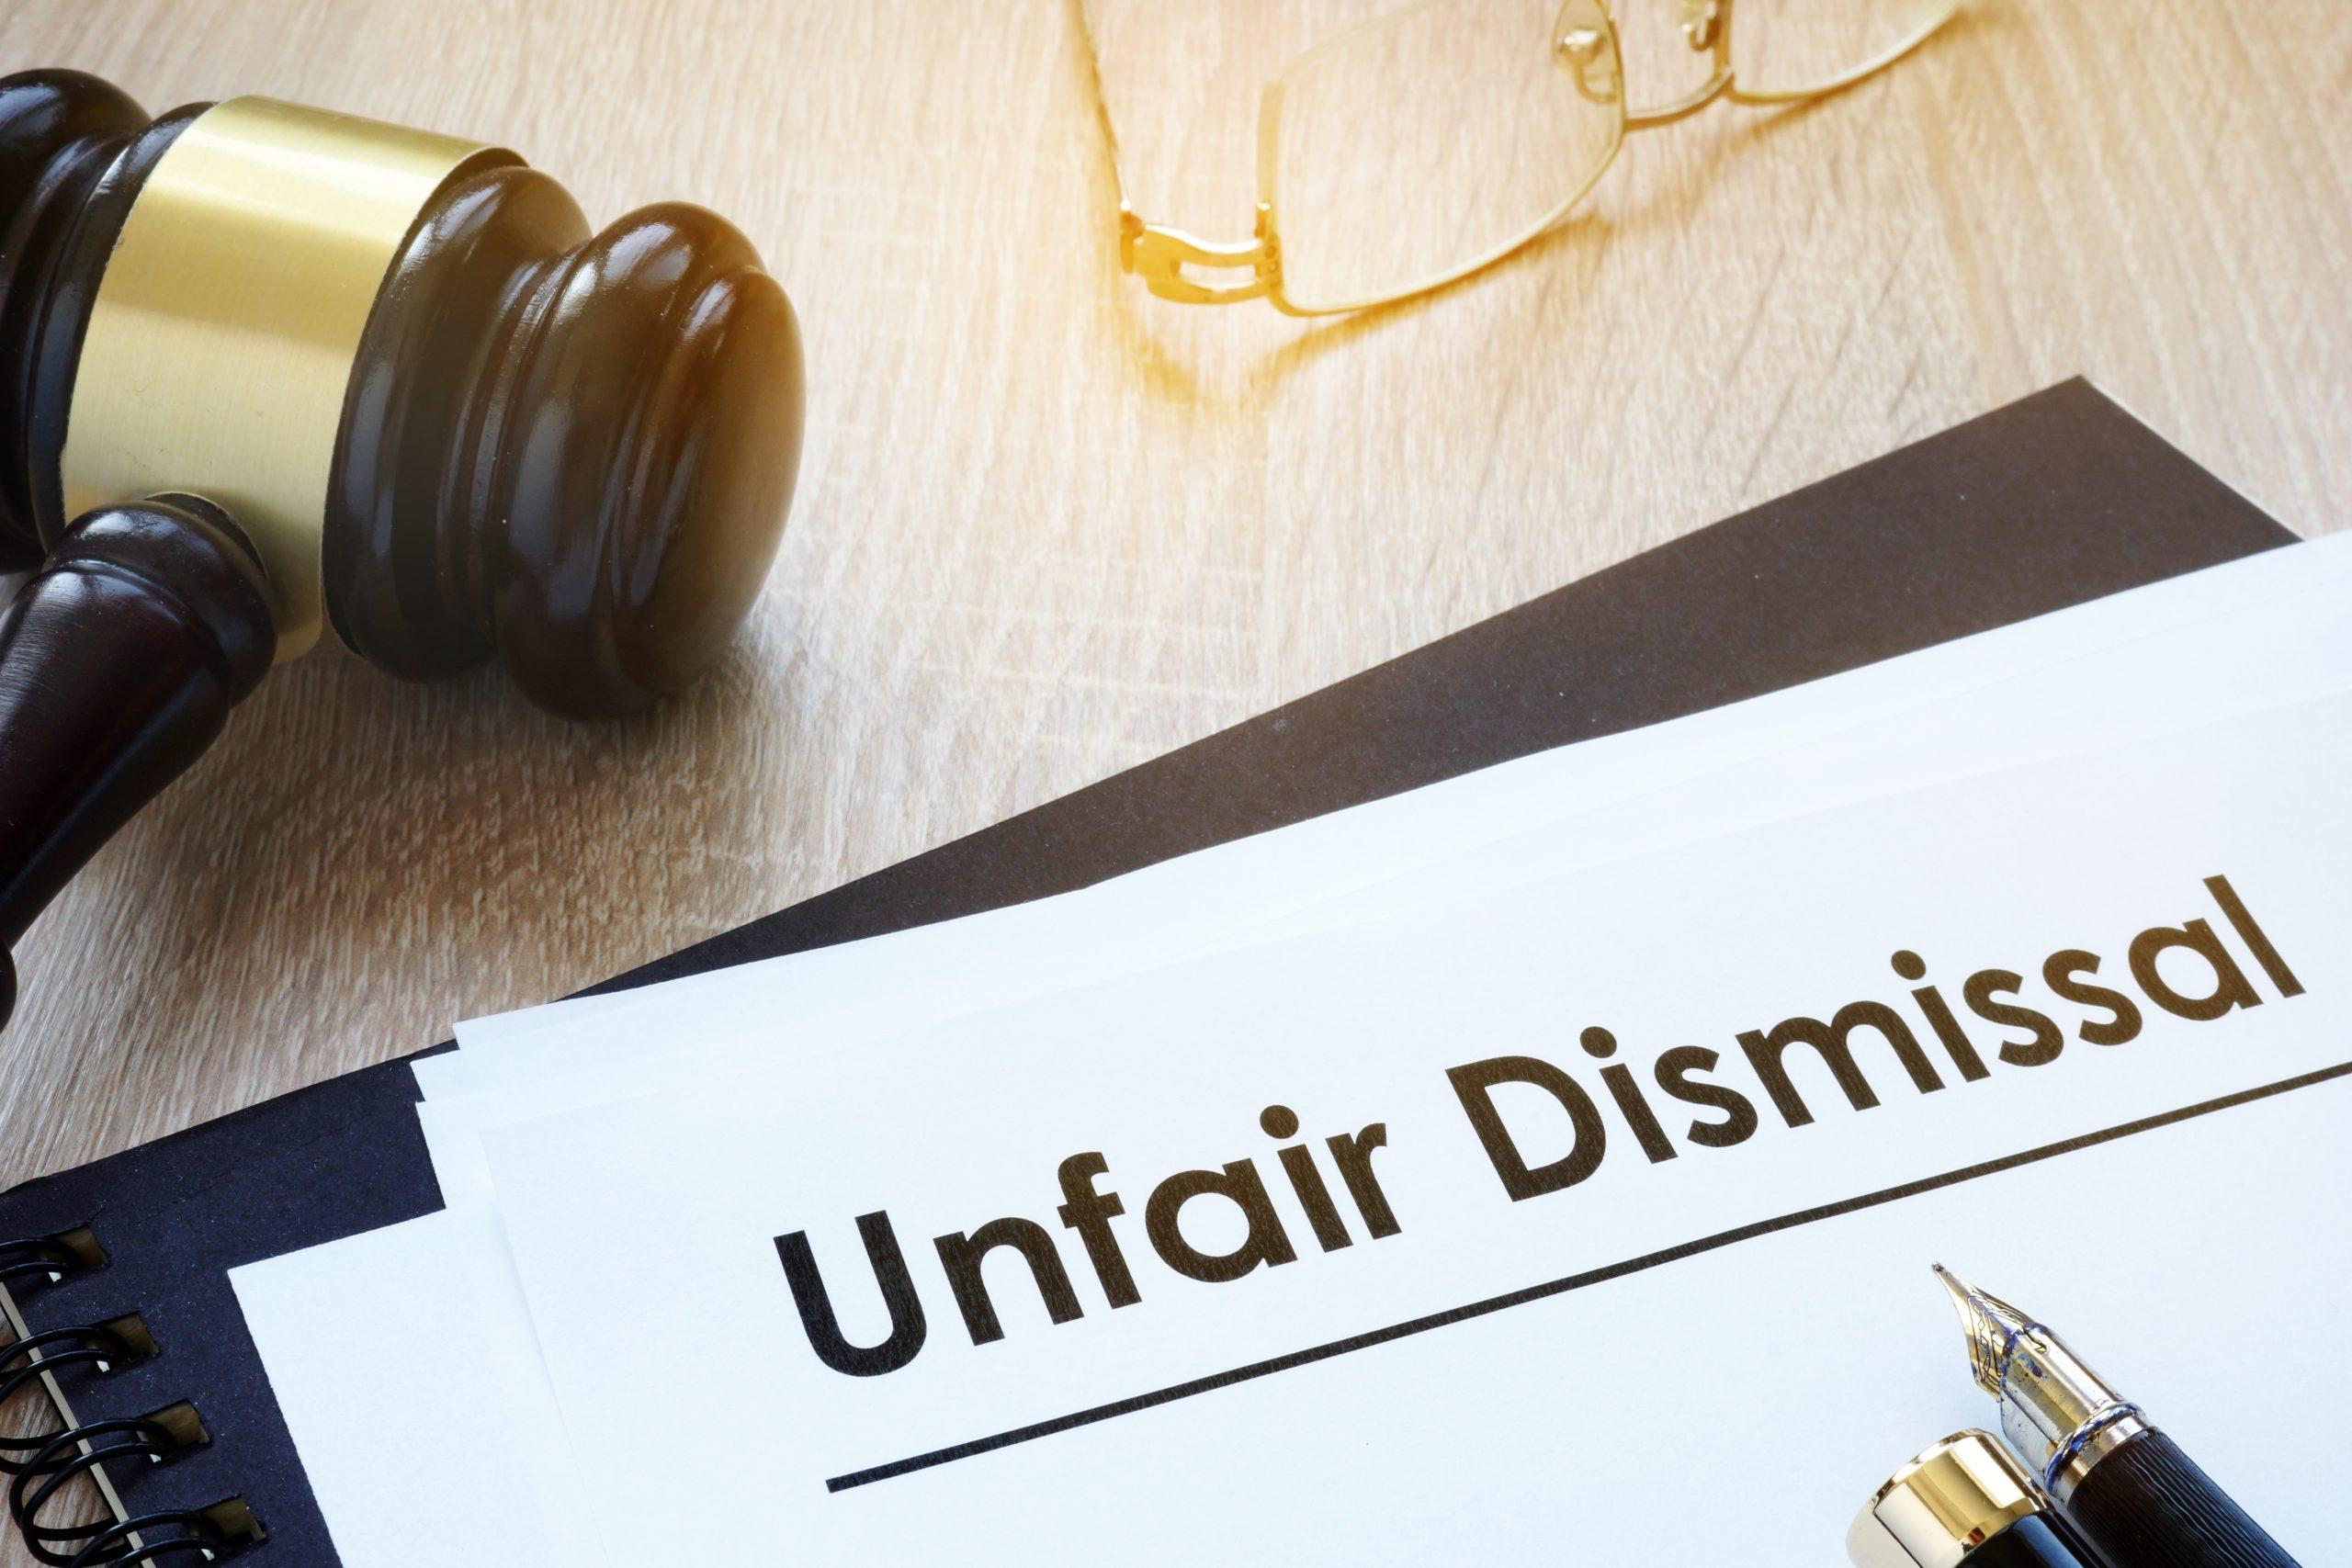 Unfair Dismissal – Employment Practices Liability Insurance